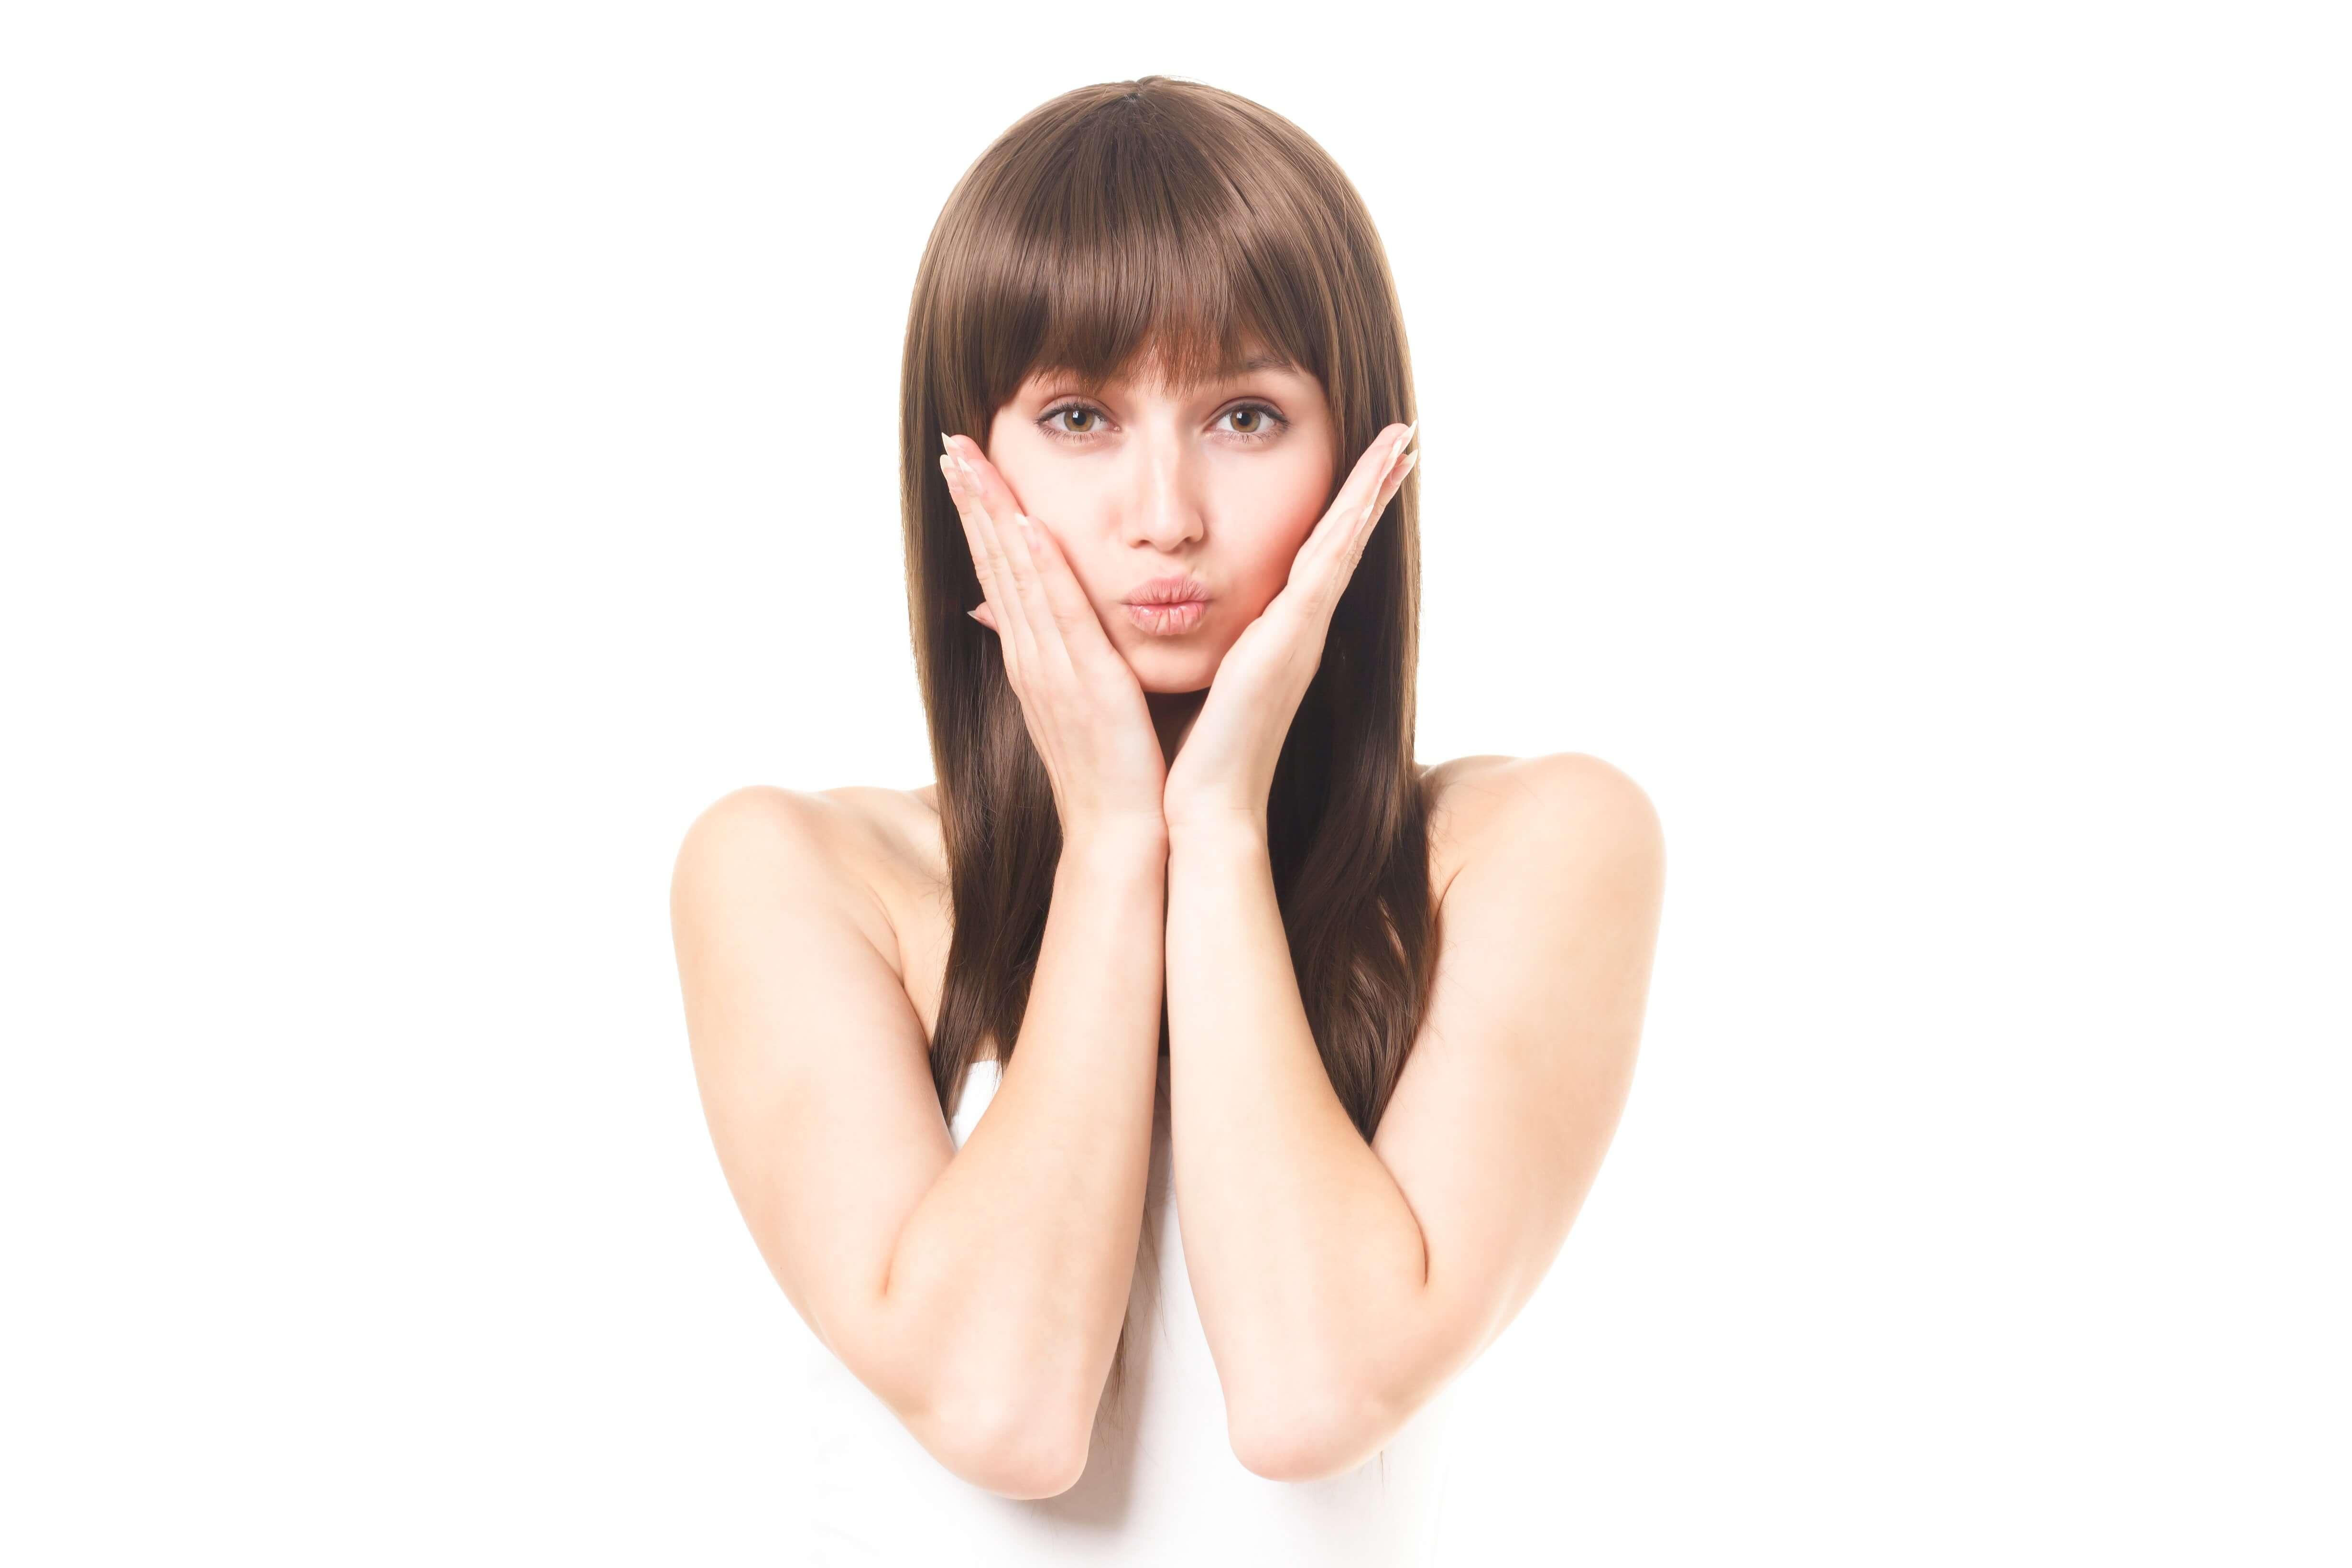 女性に多い甲状腺機能の低下による抜け毛、甲状腺機能低下症とは?